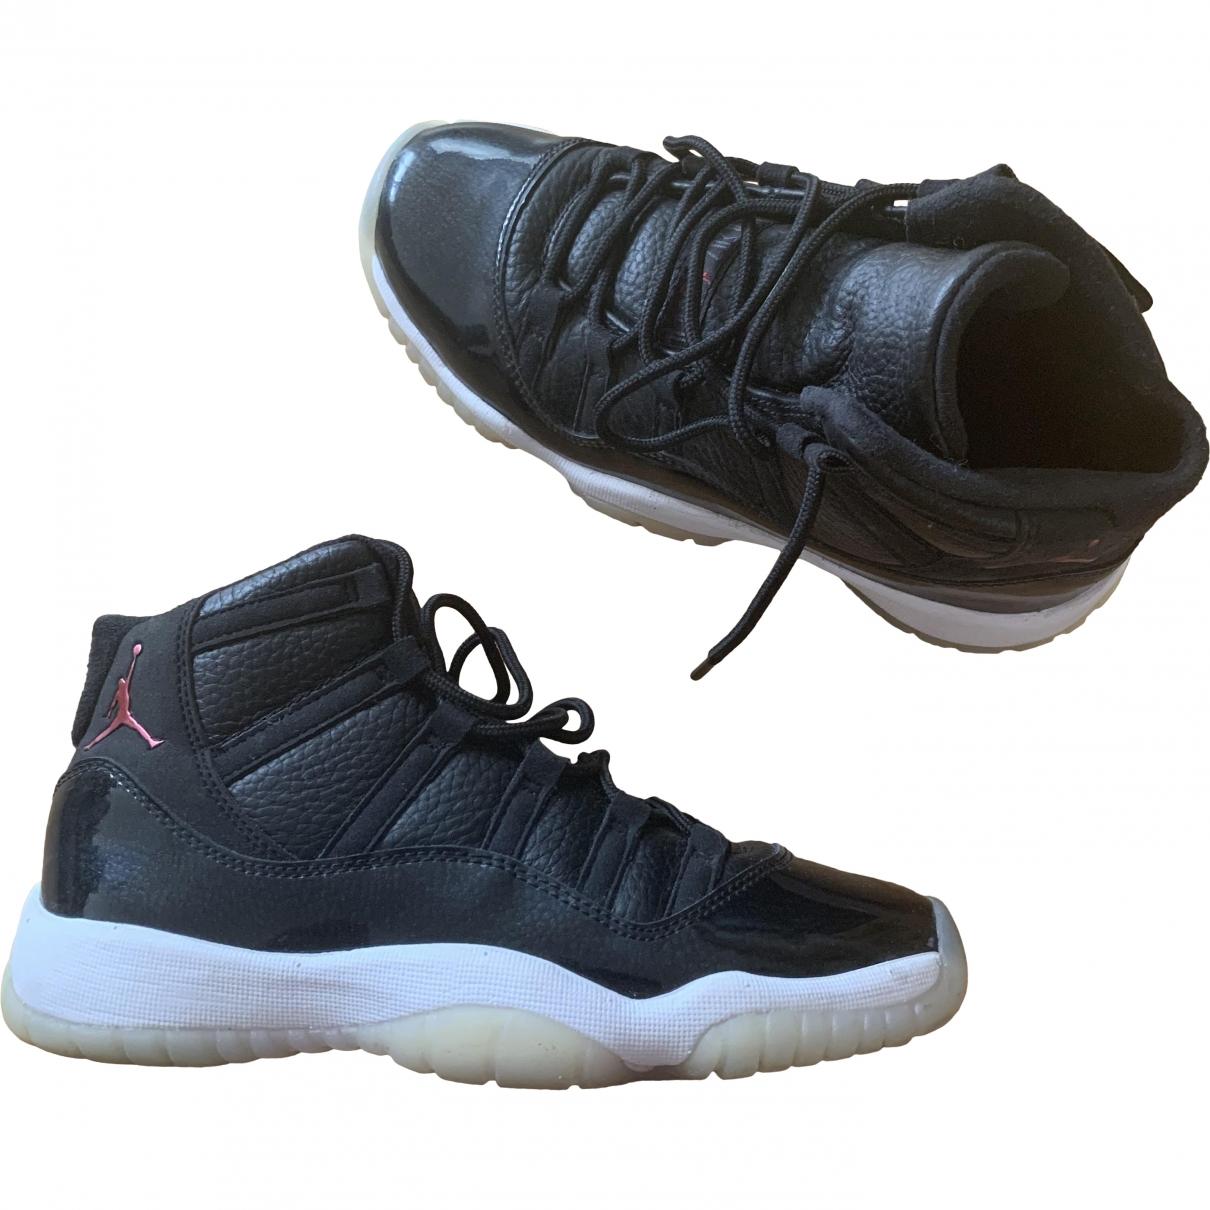 Jordan Air Jordan 11 Black Leather Trainers for Women 36.5 EU